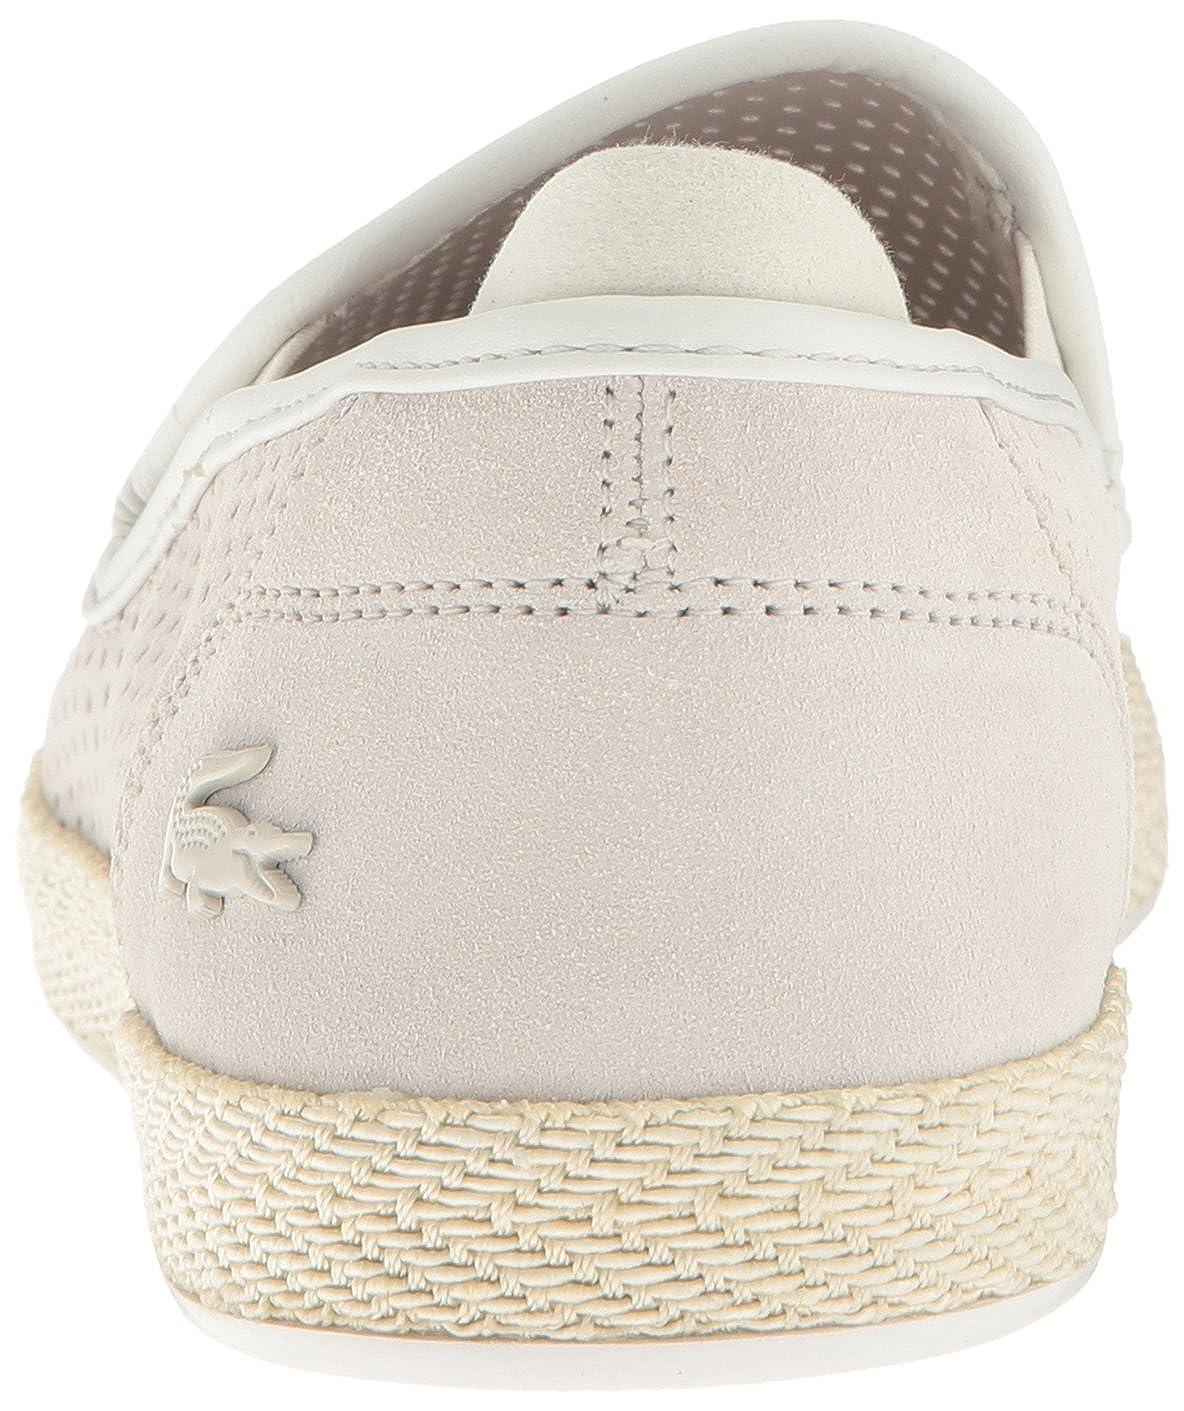 a6b6e6ca9ed903 Lacoste Men s Tombre Slip-on Casual Shoe Fashion Sneaker